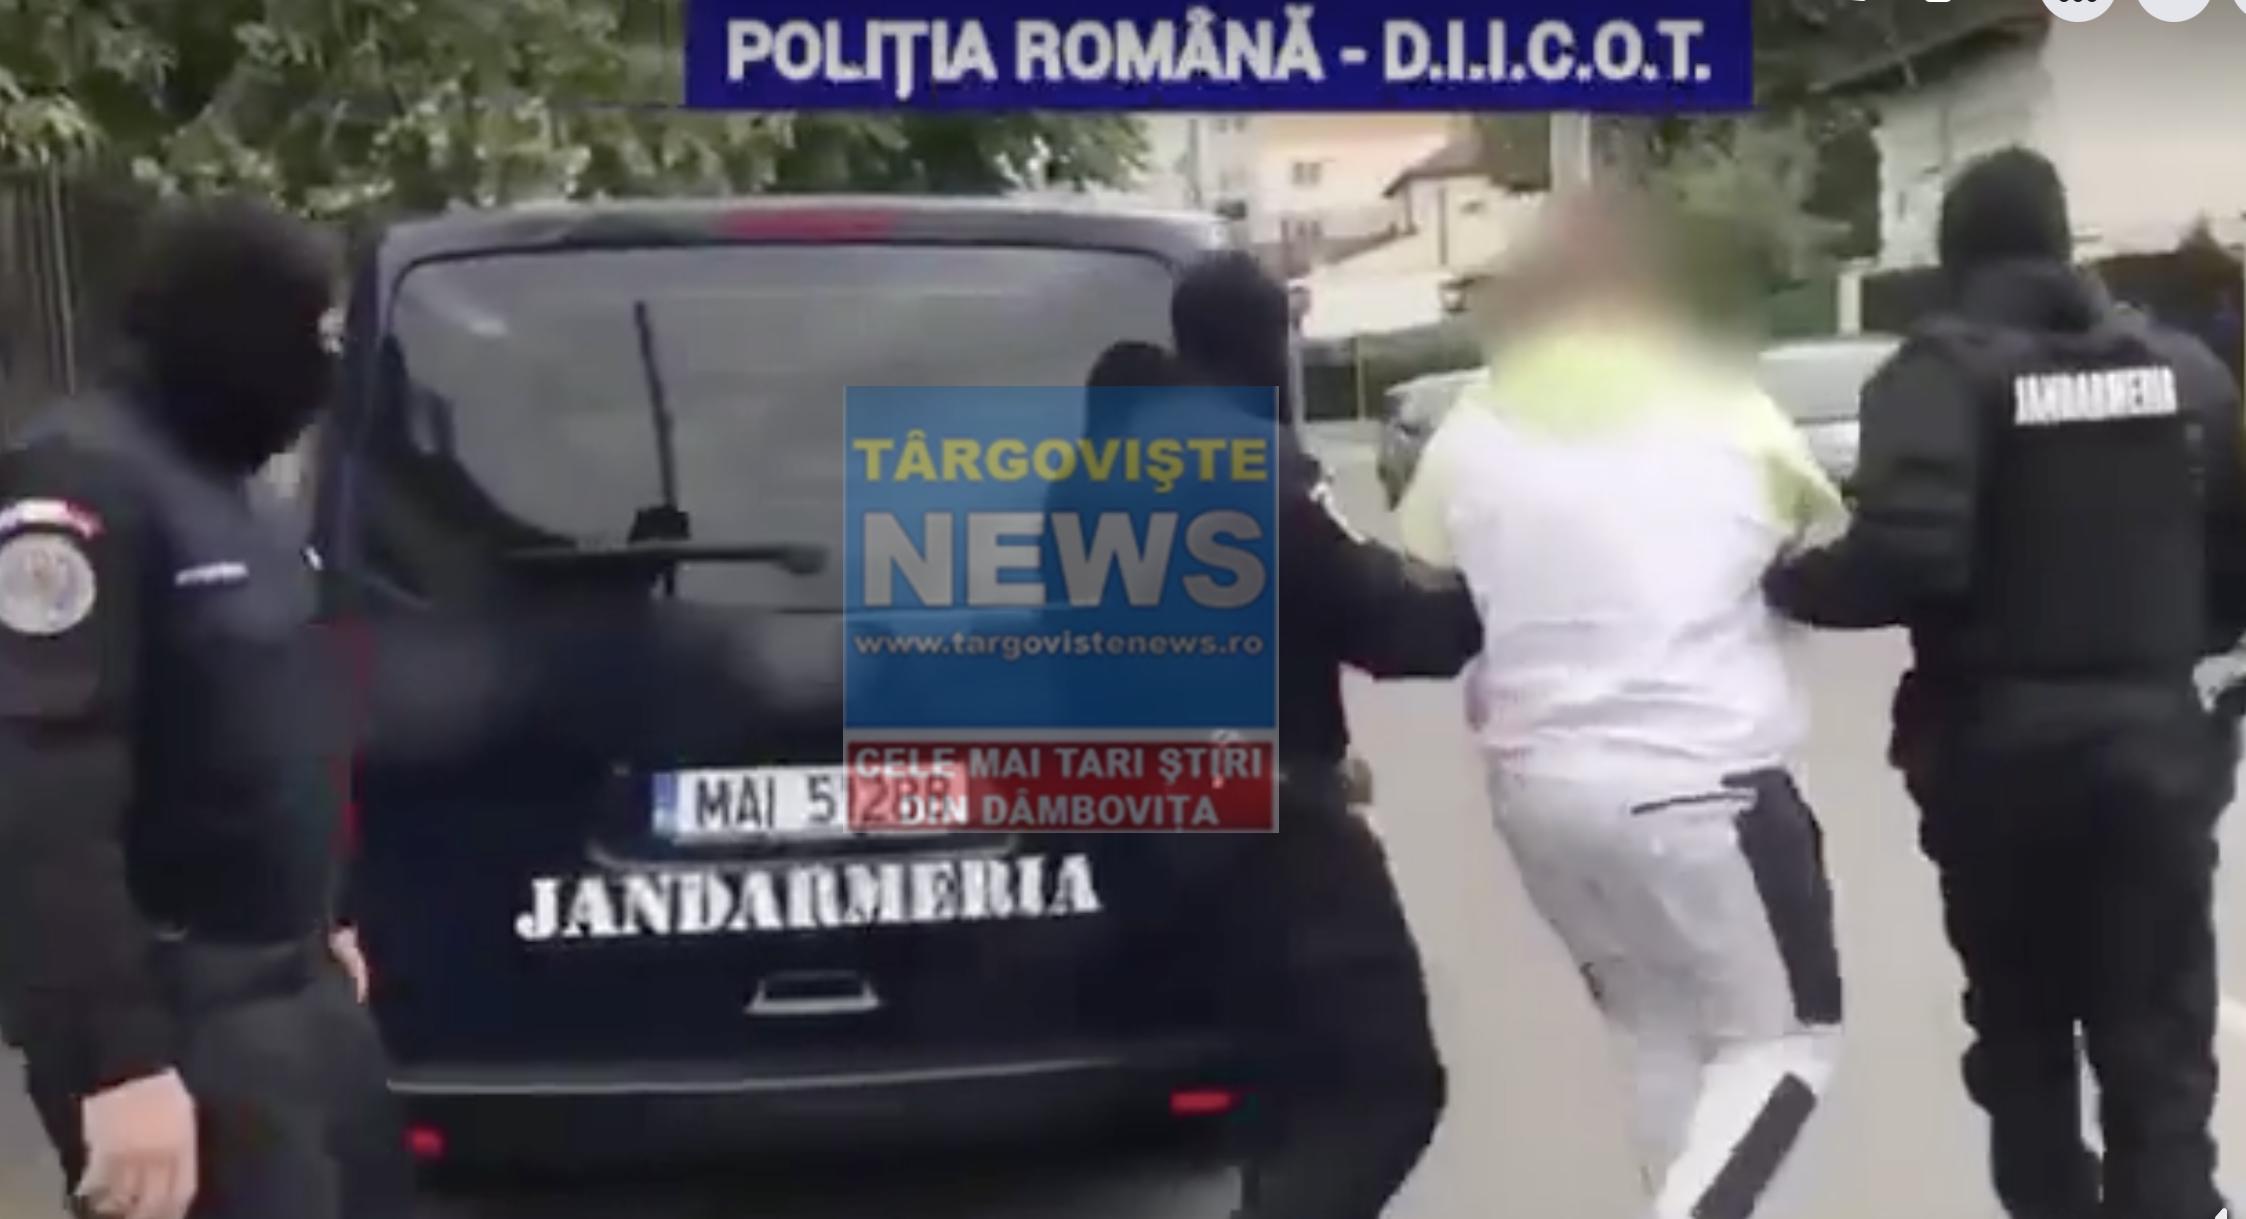 VIDEO – Tânără din Dâmbovița, obligată să se prostitueze în Italia, salvată de polițiști. Un târgoviștean, de 22 de ani, reținut pentru trafic de persoane